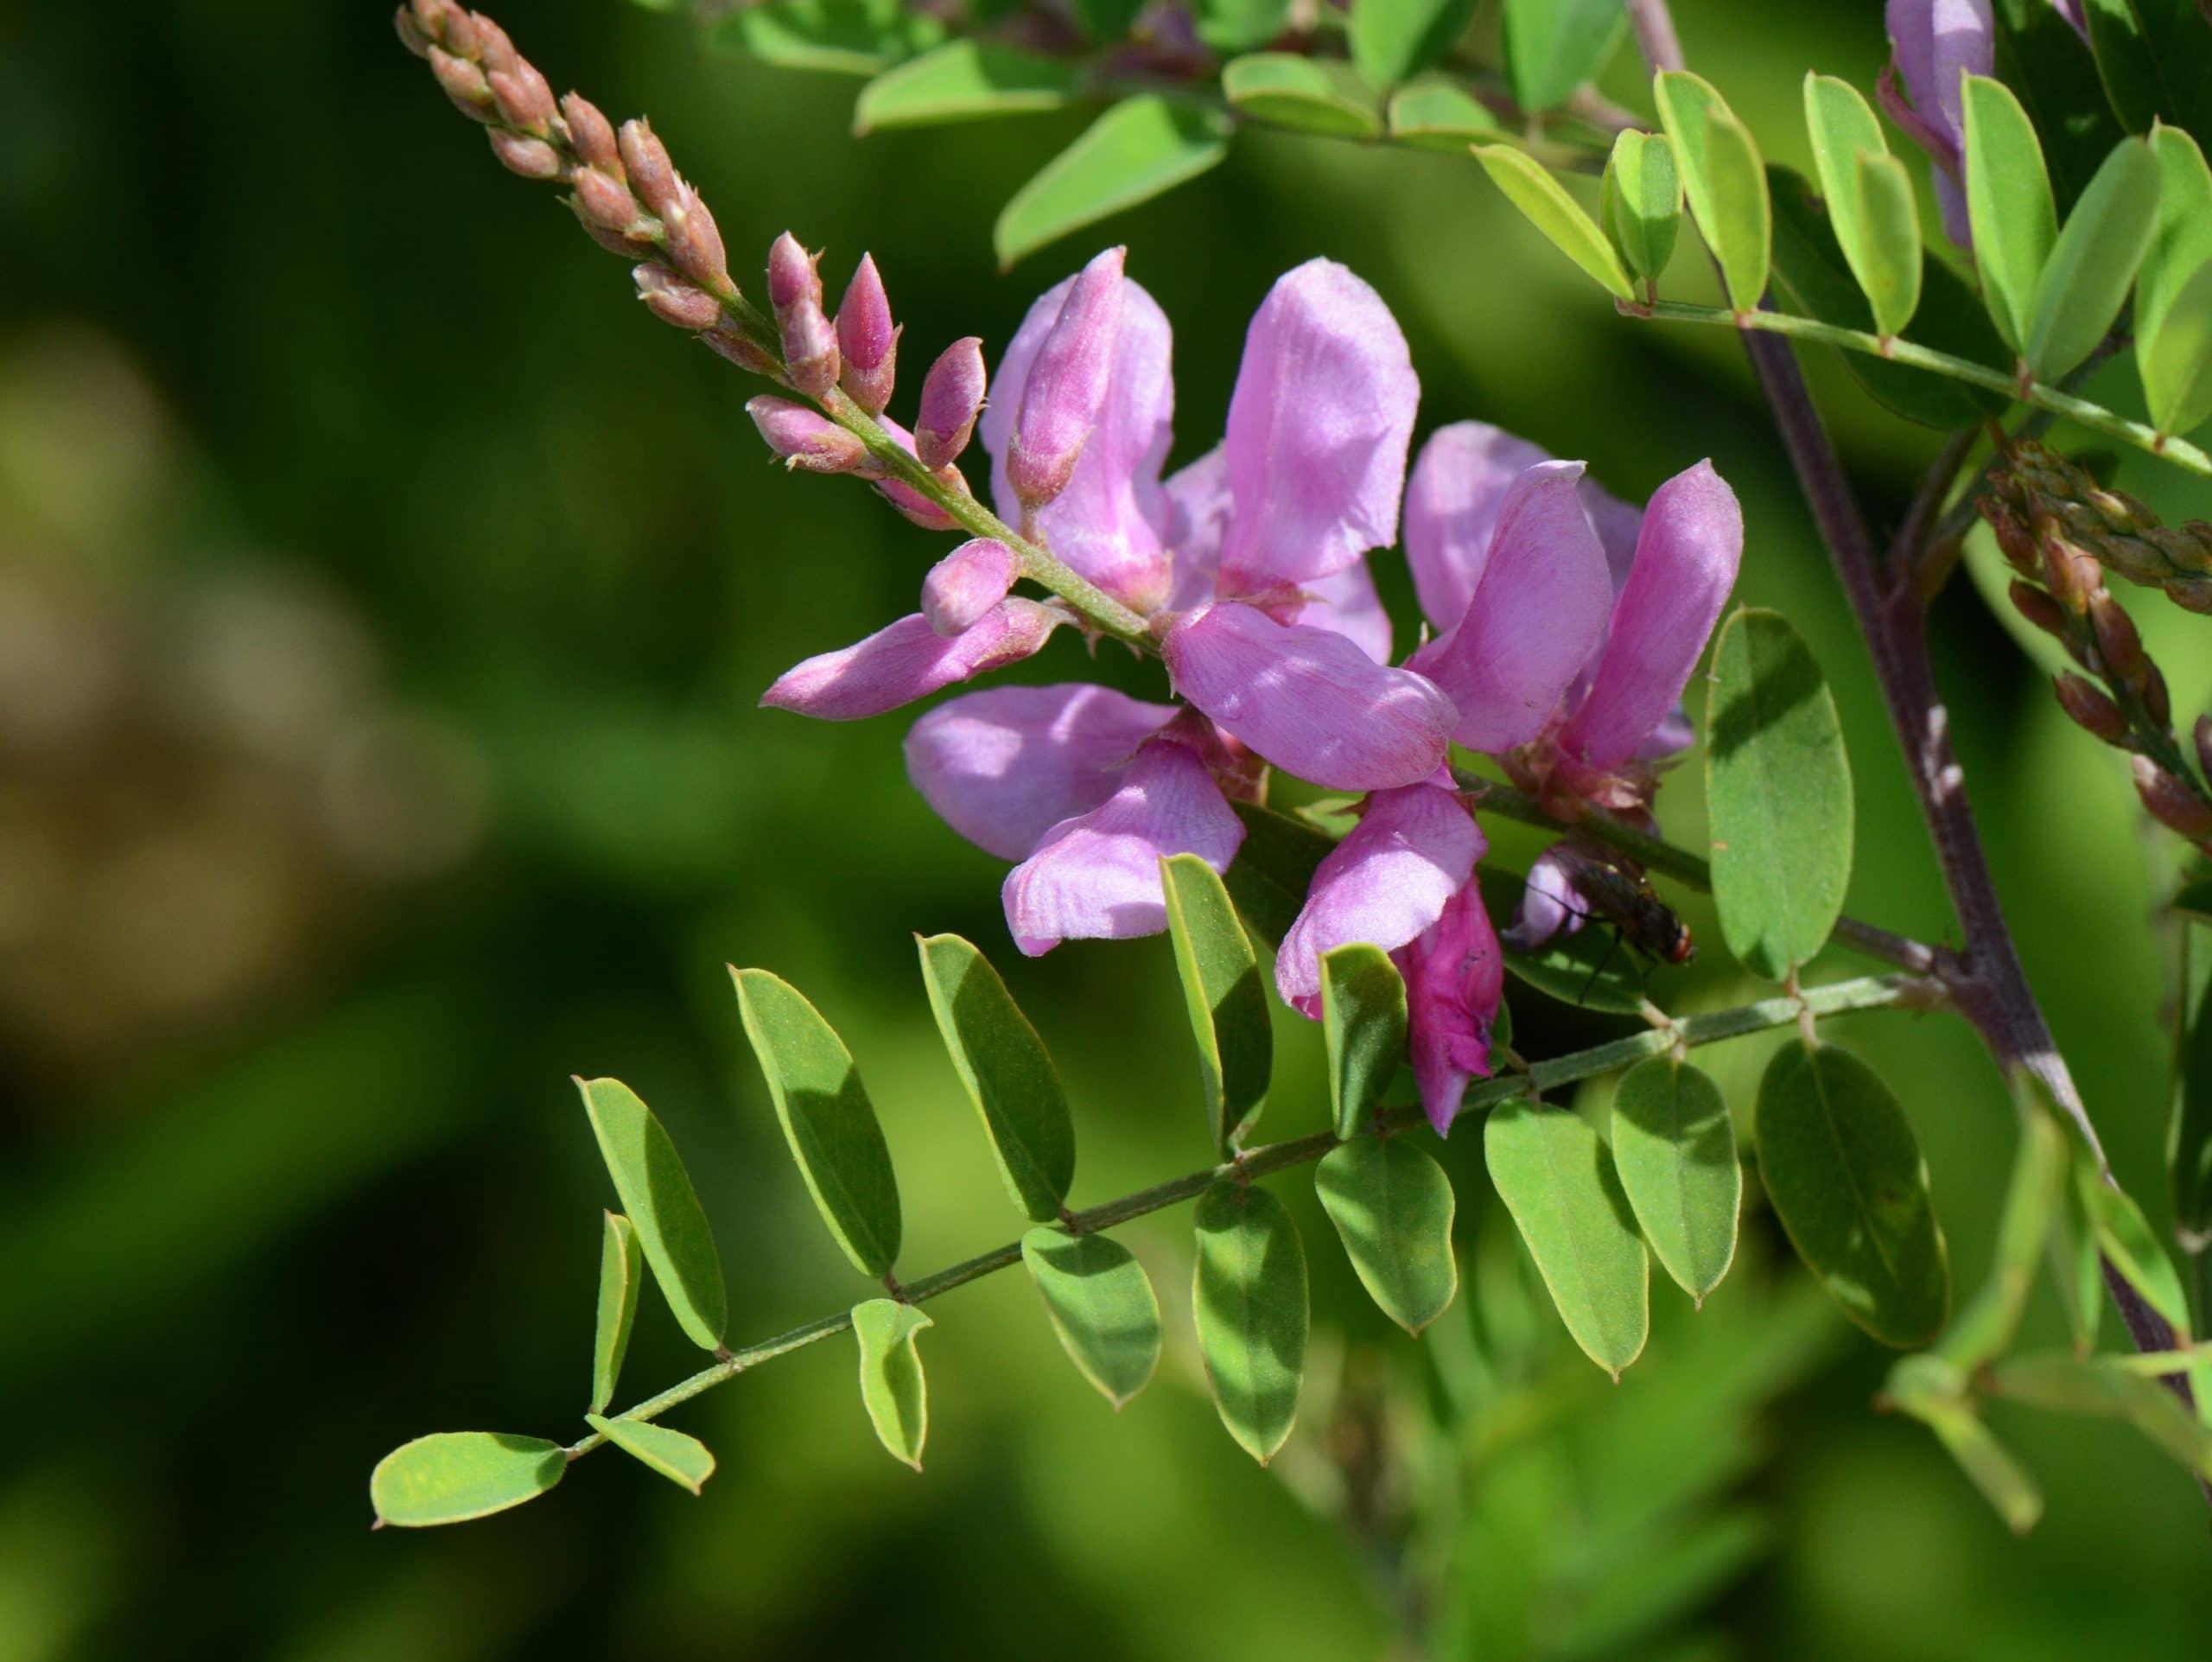 Las flores de la Indigofera tinctoria son púrpuras